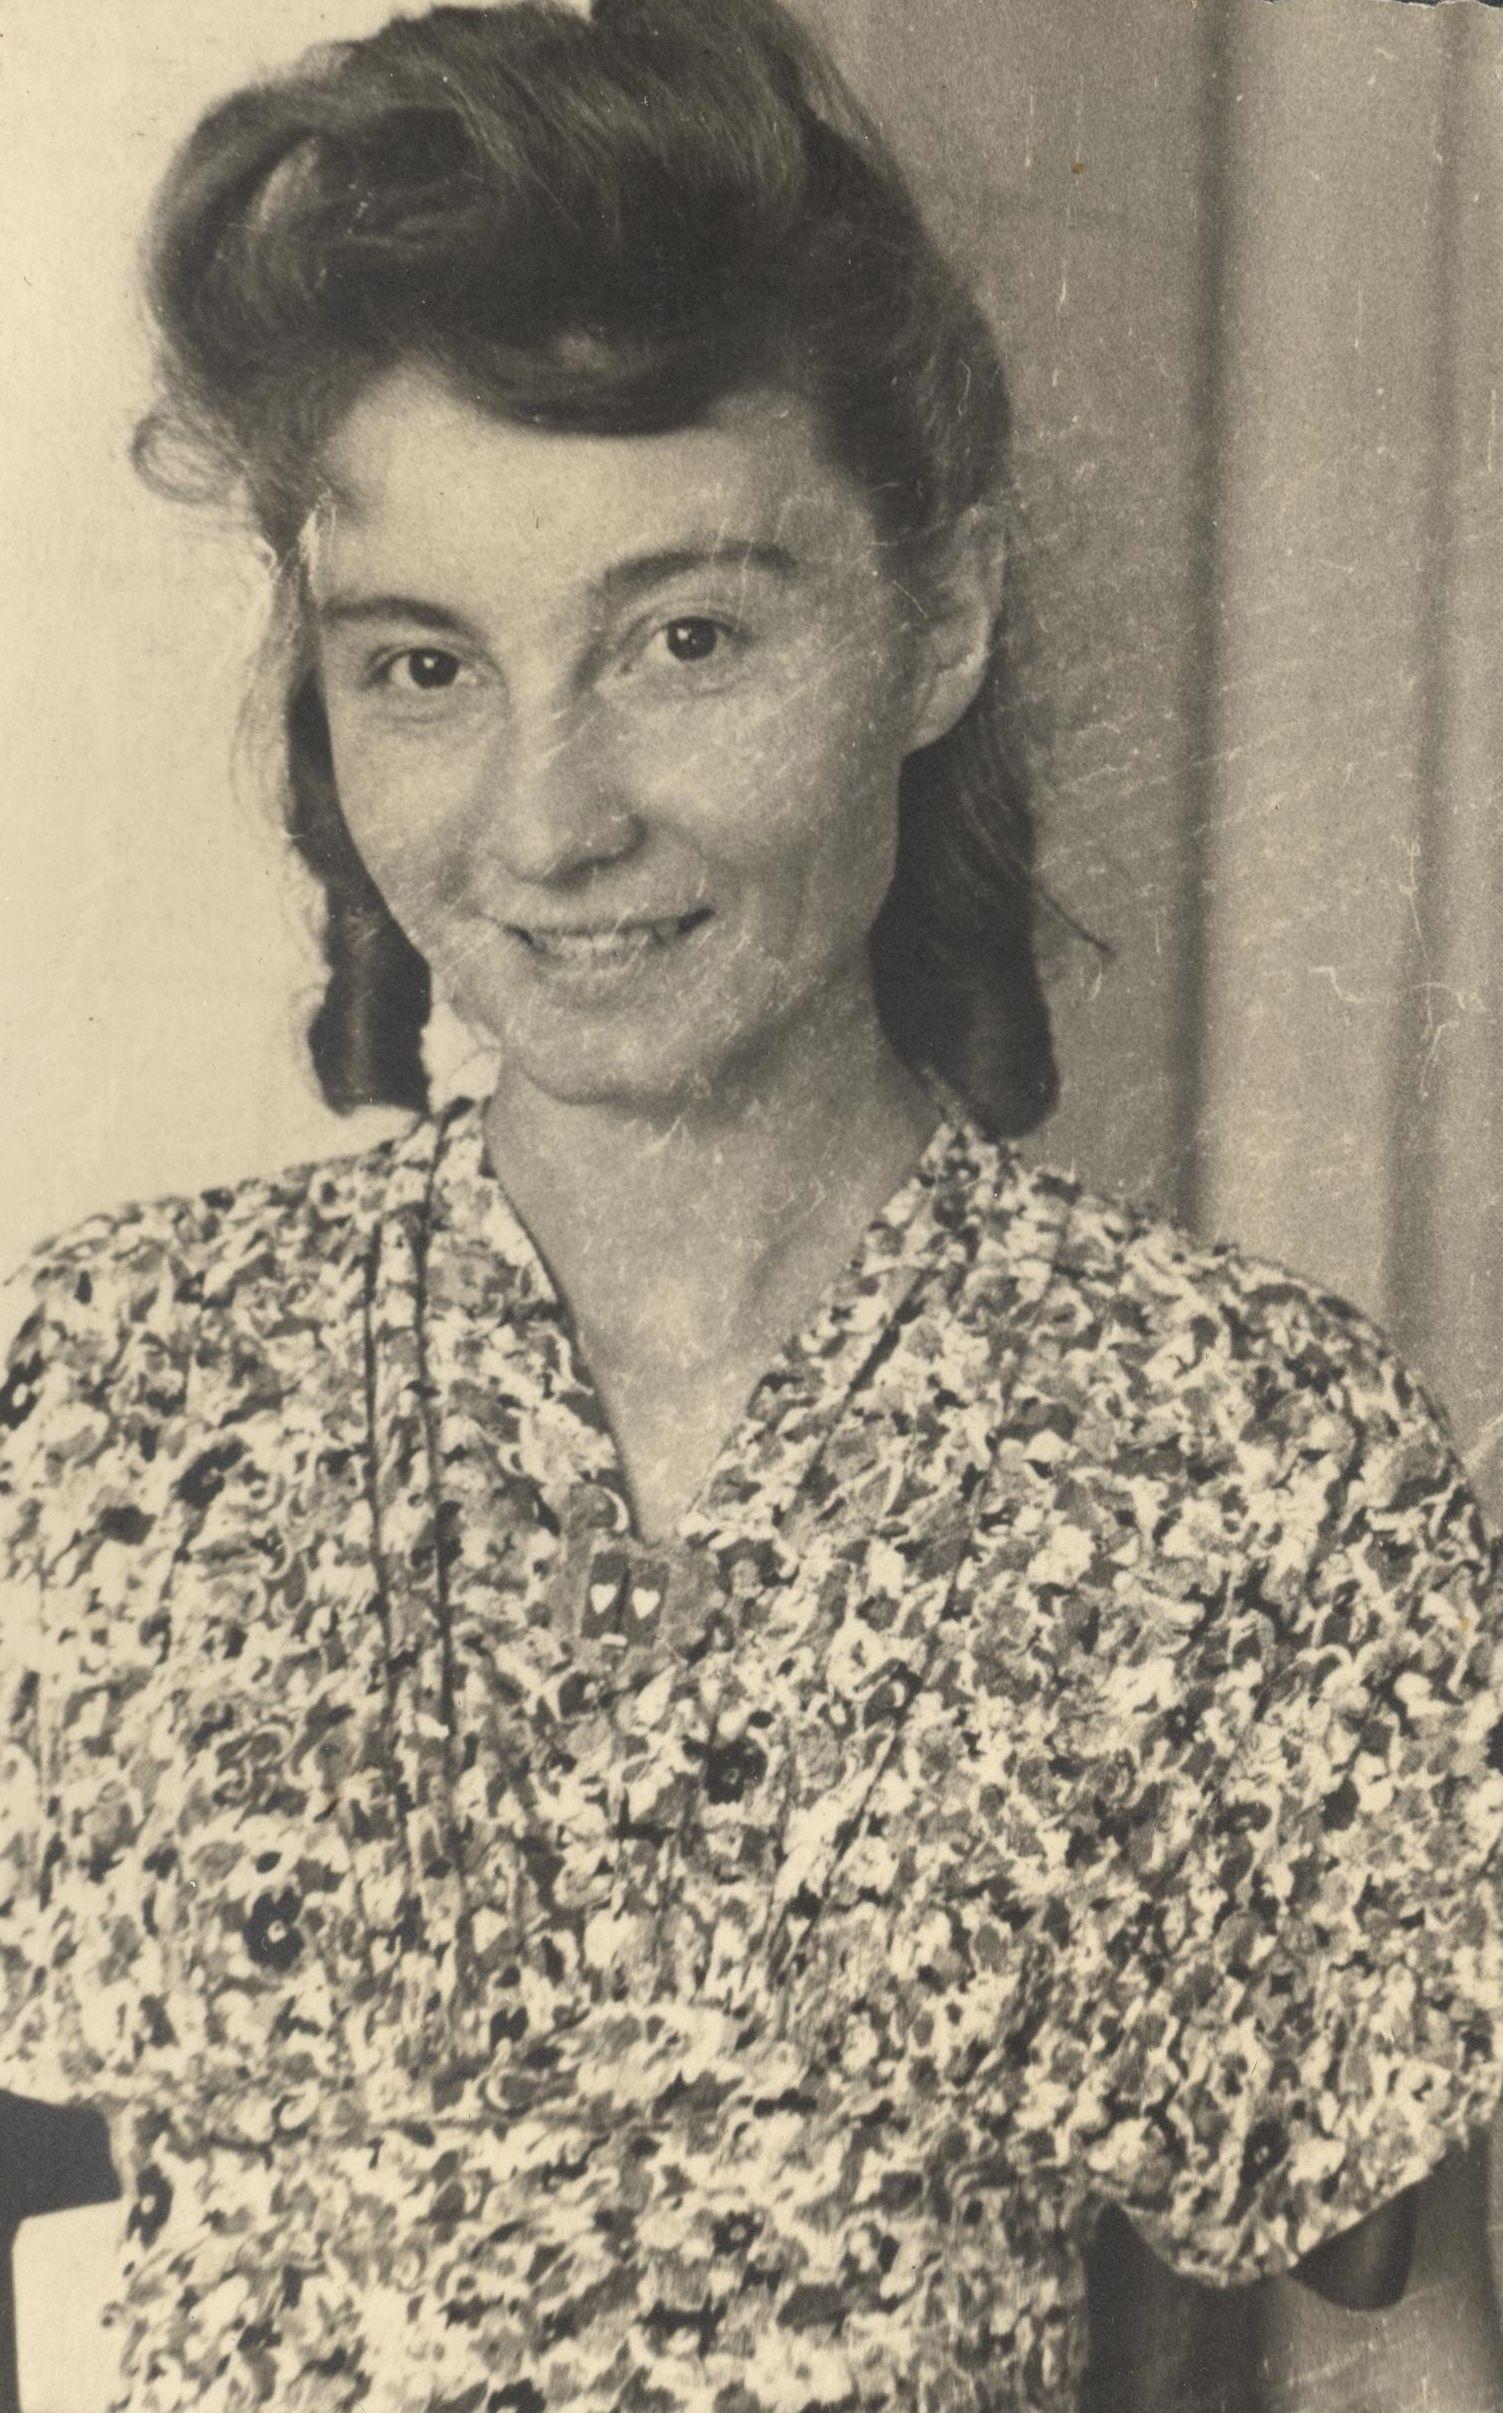 """Alicja Wnorowska tuż przed wojną. Fotografia z książki """"Dziewczyny wojenne"""" (Znak Horyzont 2017)."""